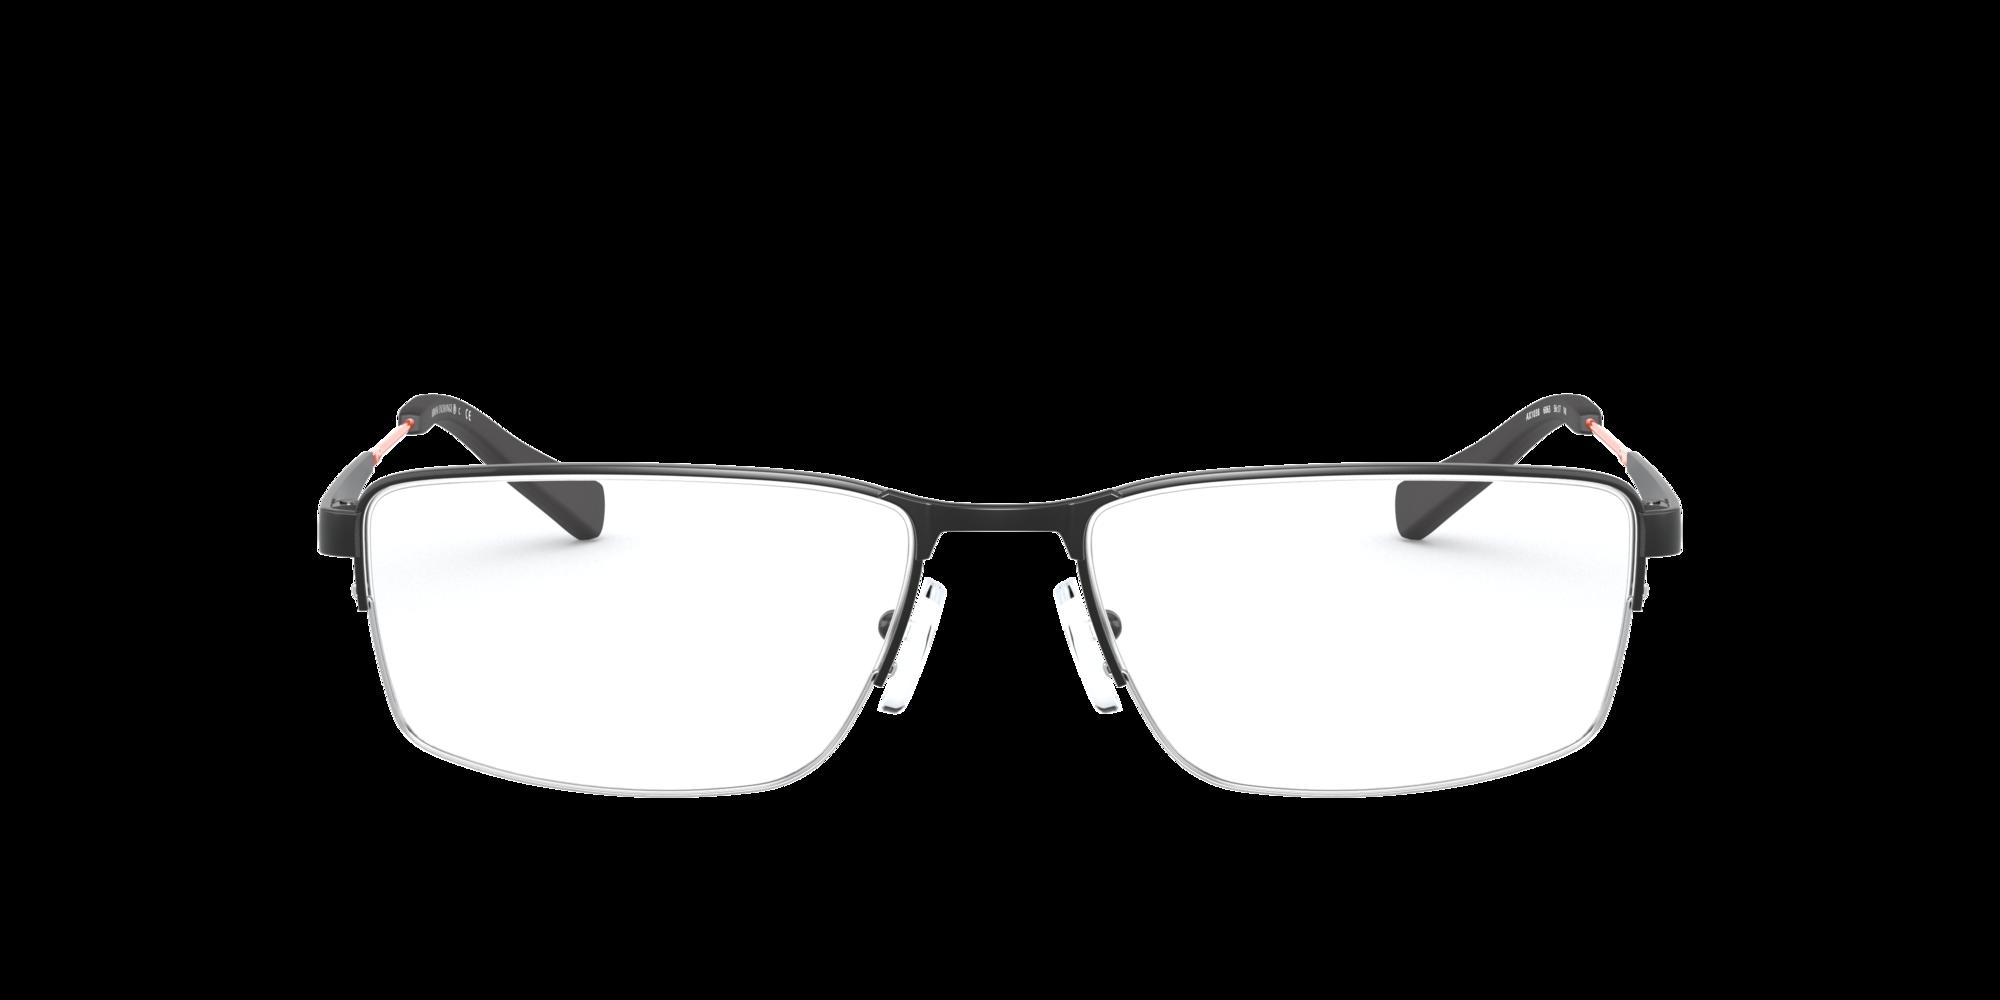 Imagen para AX1038 de LensCrafters |  Espejuelos, espejuelos graduados en línea, gafas